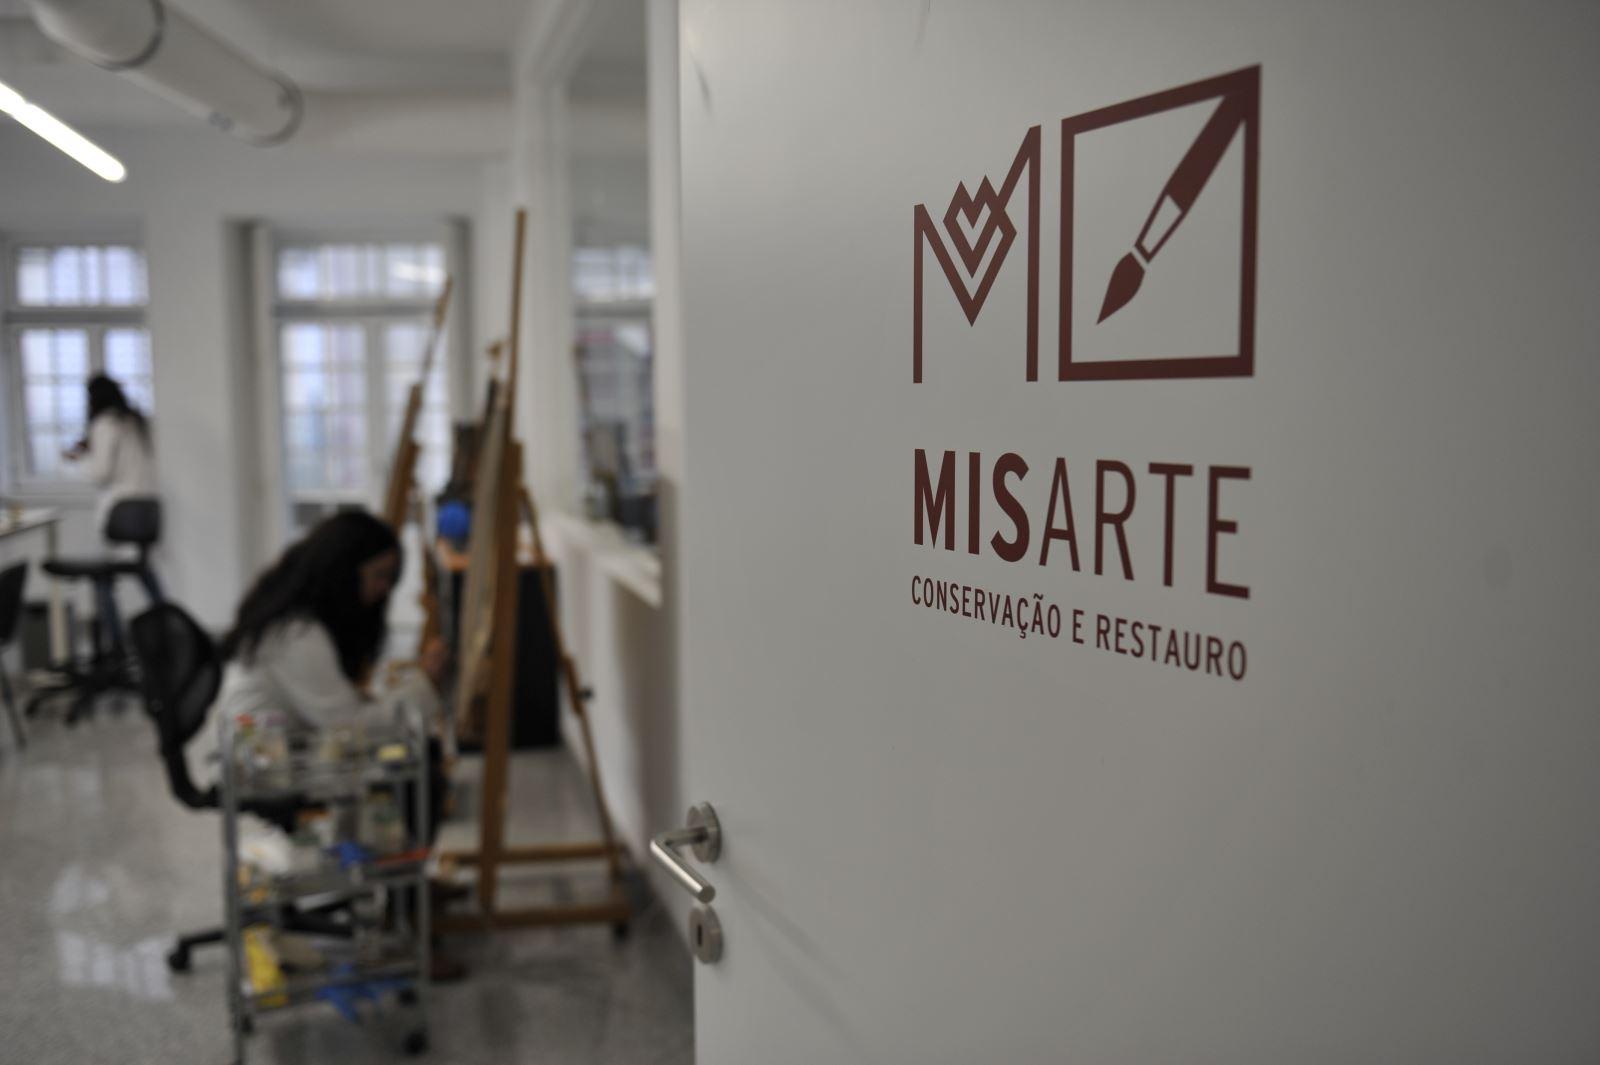 Porto | Serviço de conservação e restauro aberto à comunidade